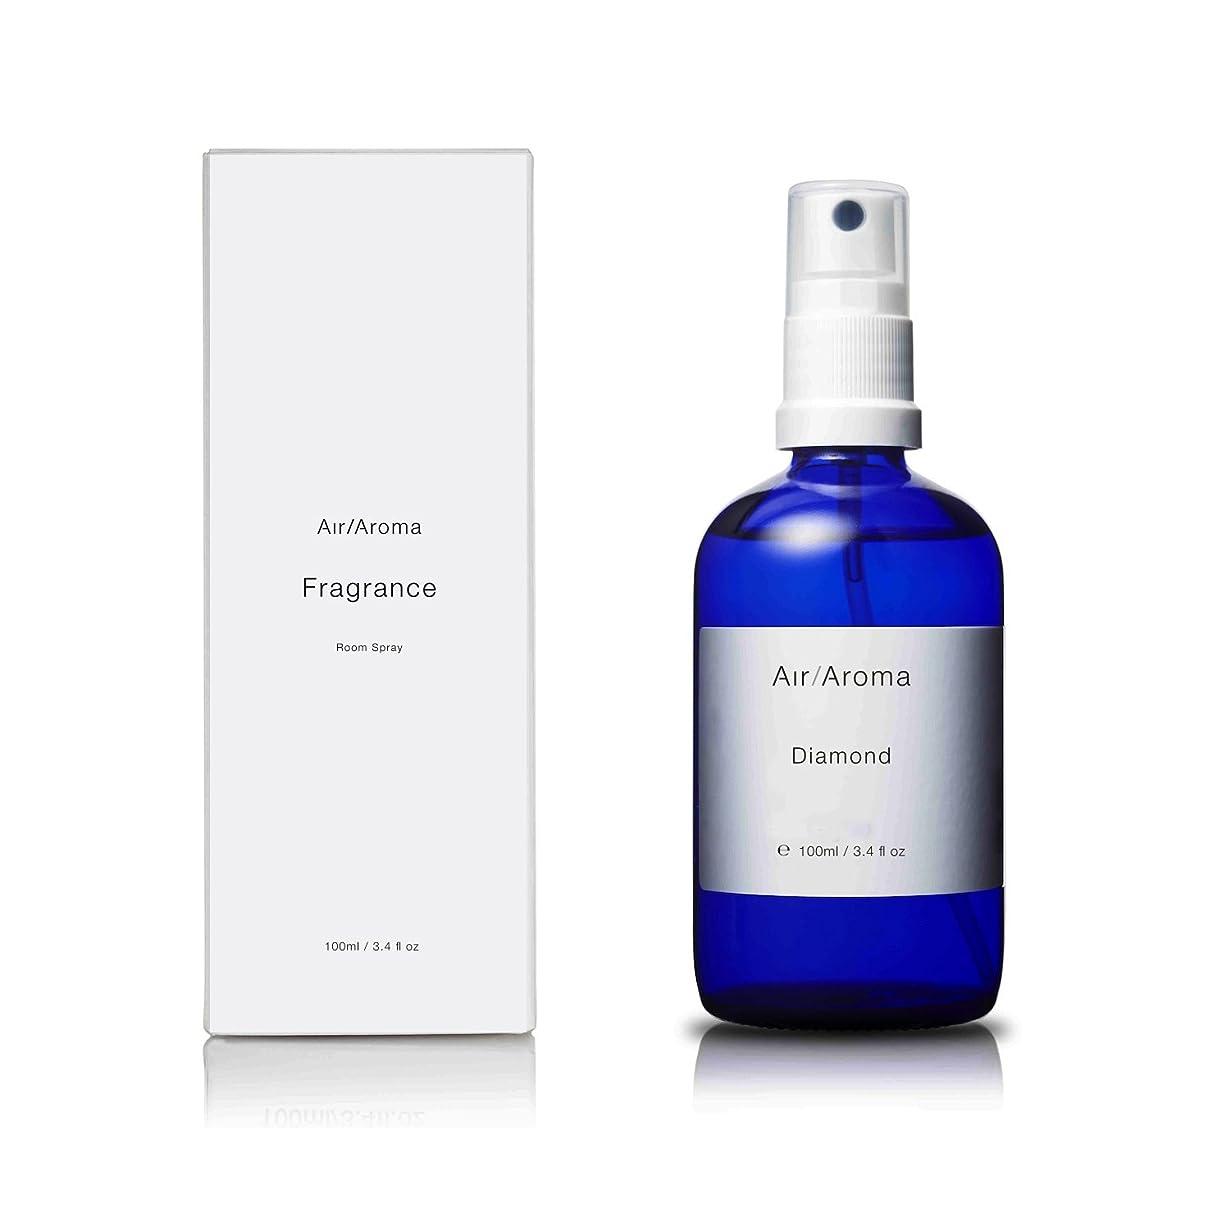 スリンク麦芽マントルエアアロマ diamond room fragrance (ダイアモンド ルームフレグランス) 100ml